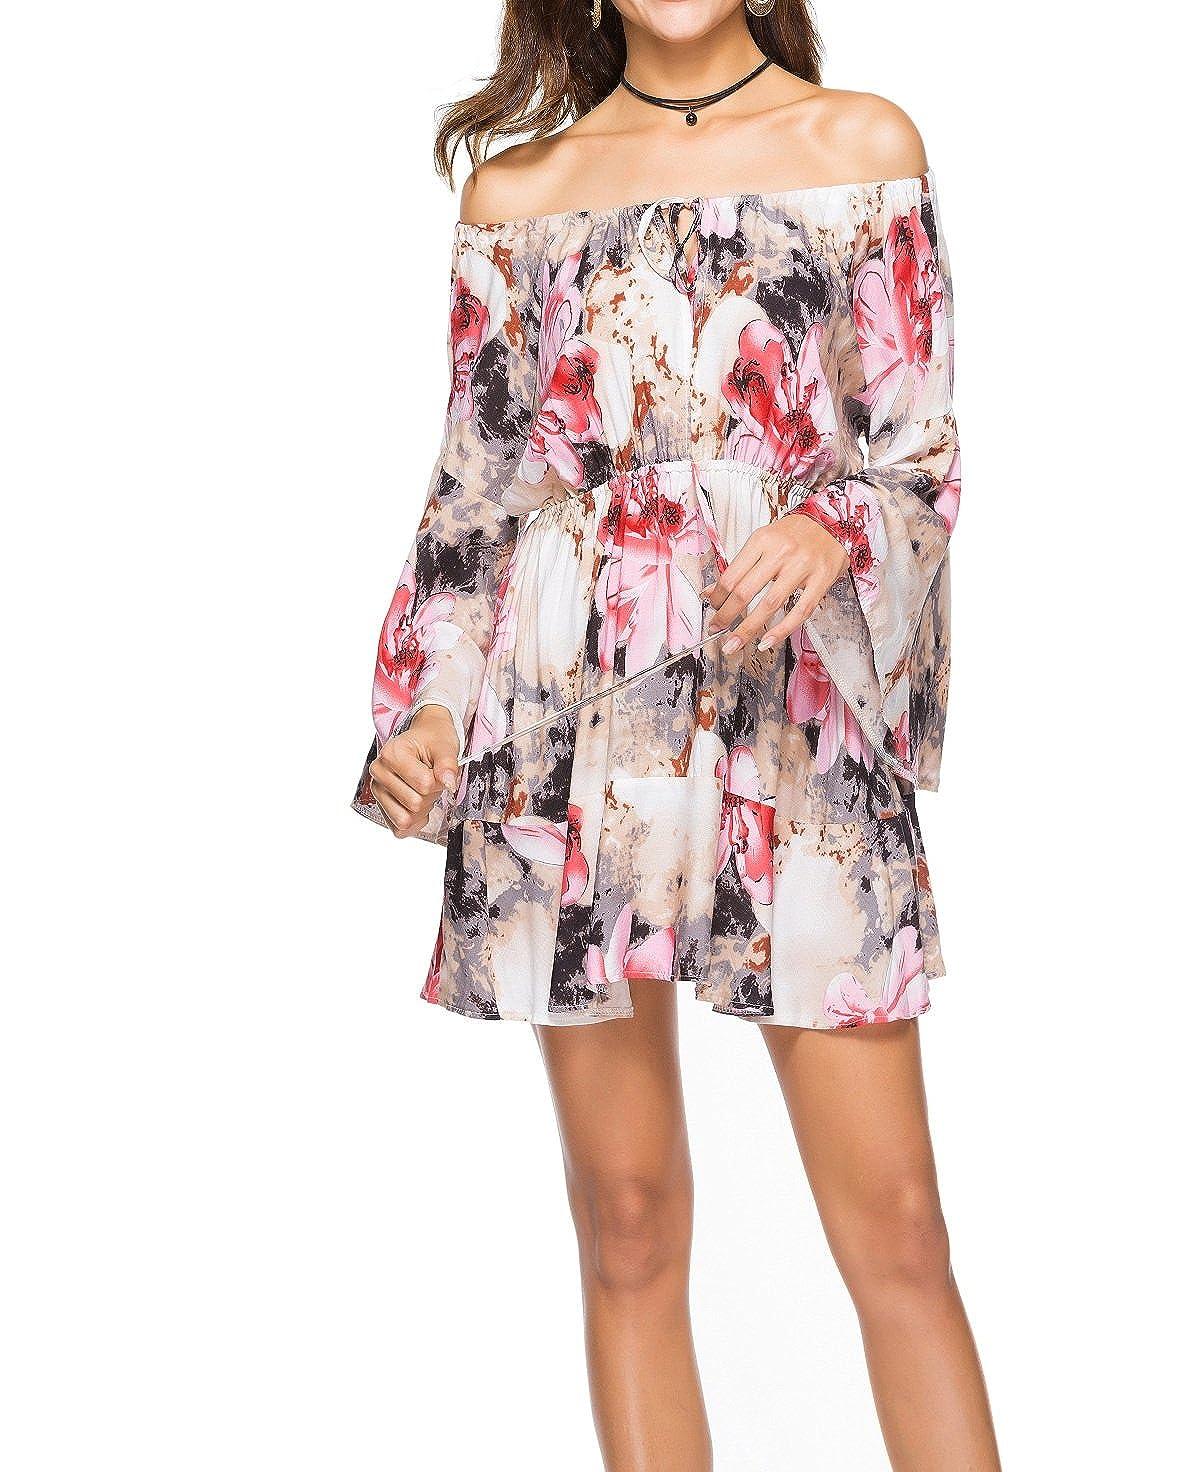 Vestido de Mujer, Lananas 2018 Mujer Fuera del Hombro Volante Fruncido Manga Larga Dobladillo Flor Rosa Impresión Corto Playa Fiesta Dulce Vestir Mini ...